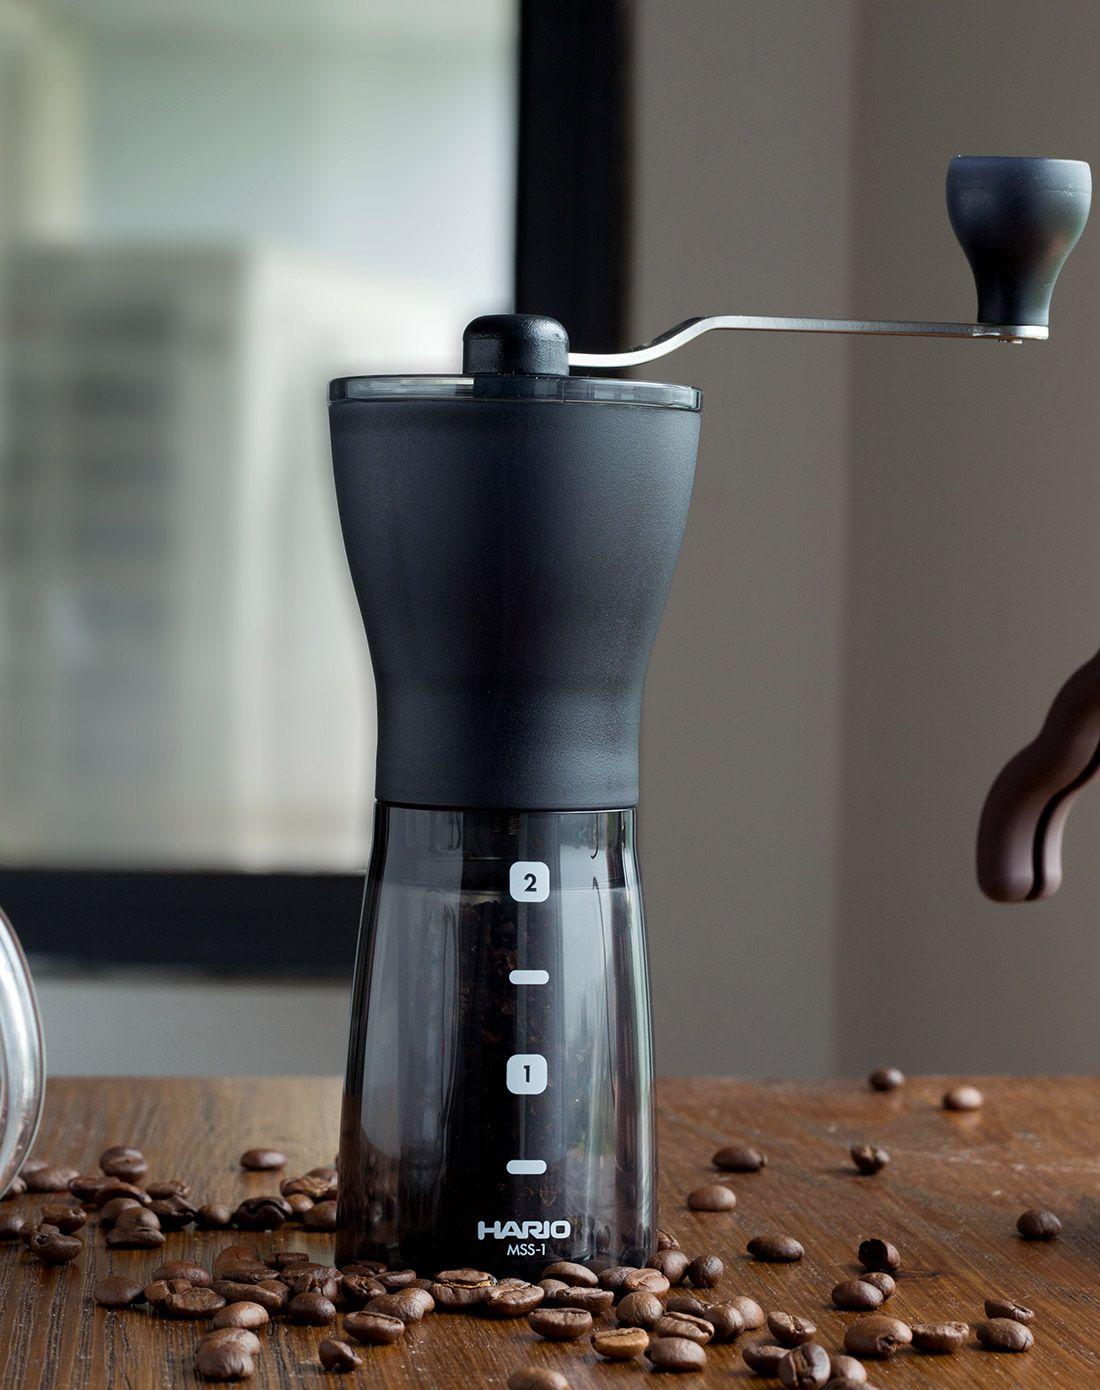 【沐湛咖啡】新款 日本原裝 HARIO 咖啡磨豆機 Hario MSS-1DTB 輕巧手搖磨豆機 黑色